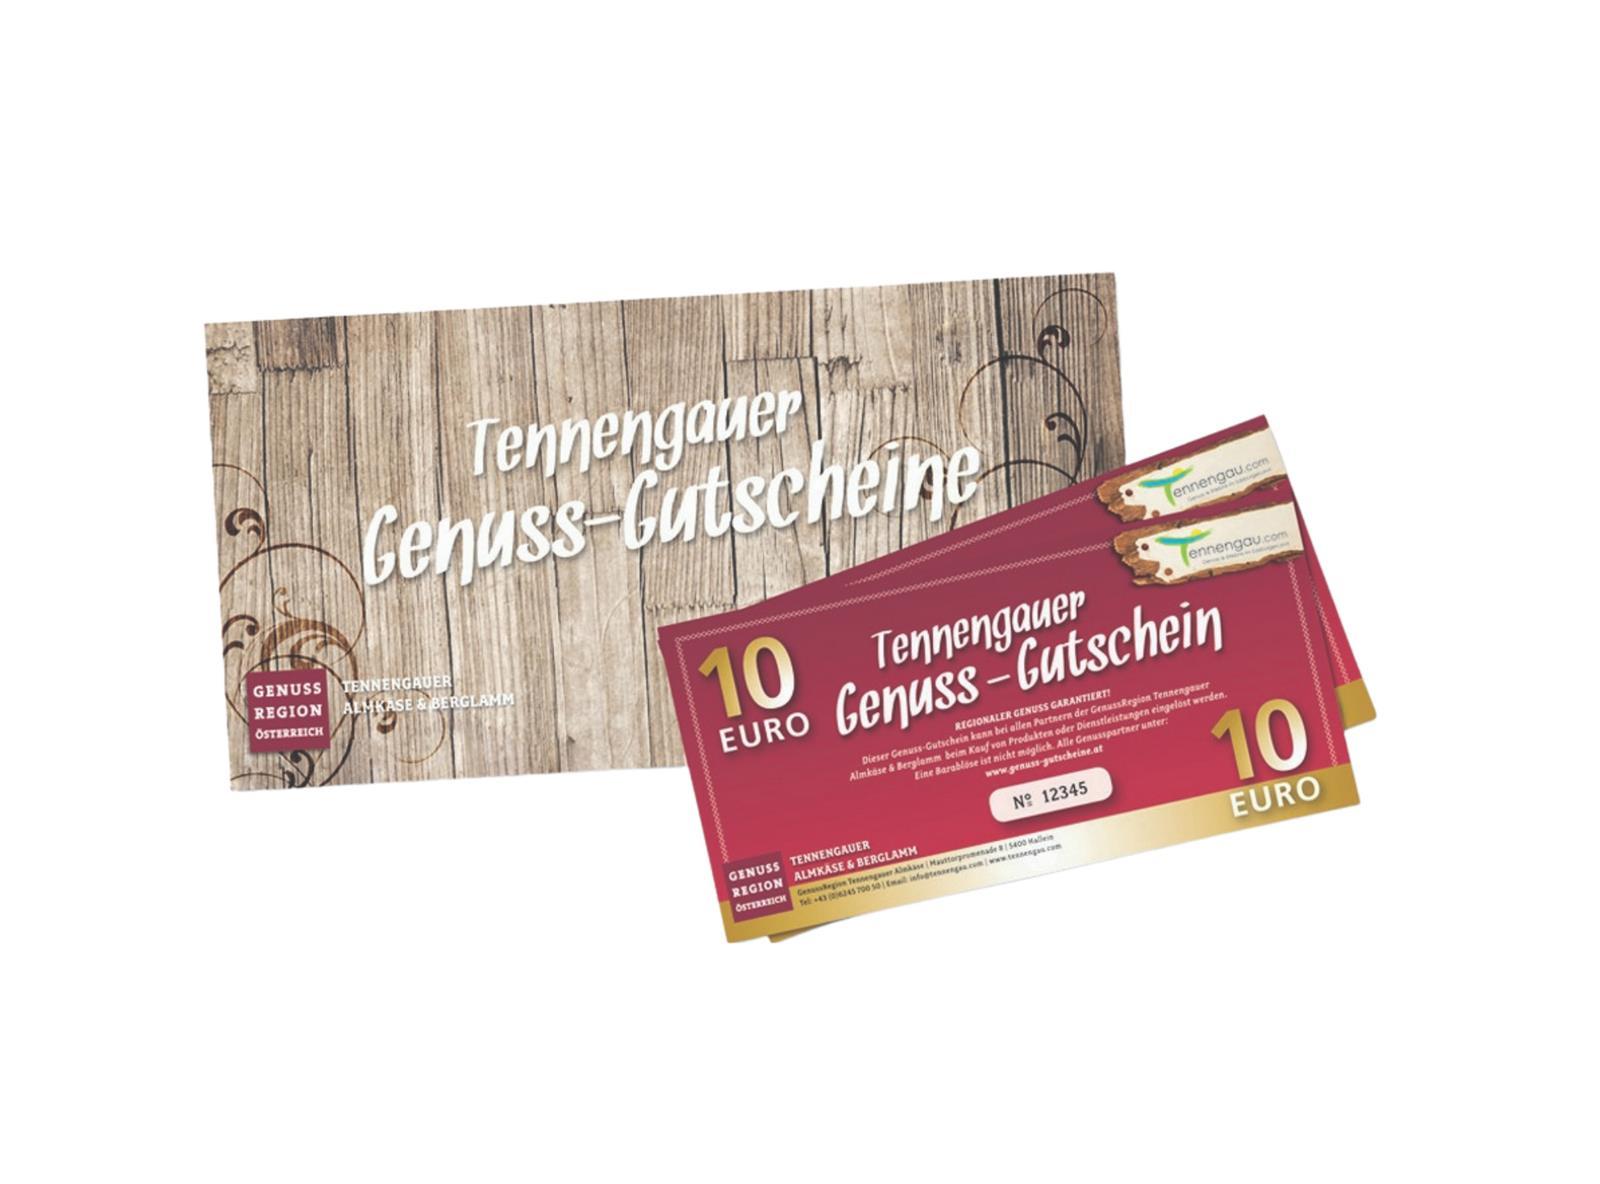 Tennengauer GenussGutscheine   ©Tennengau.com